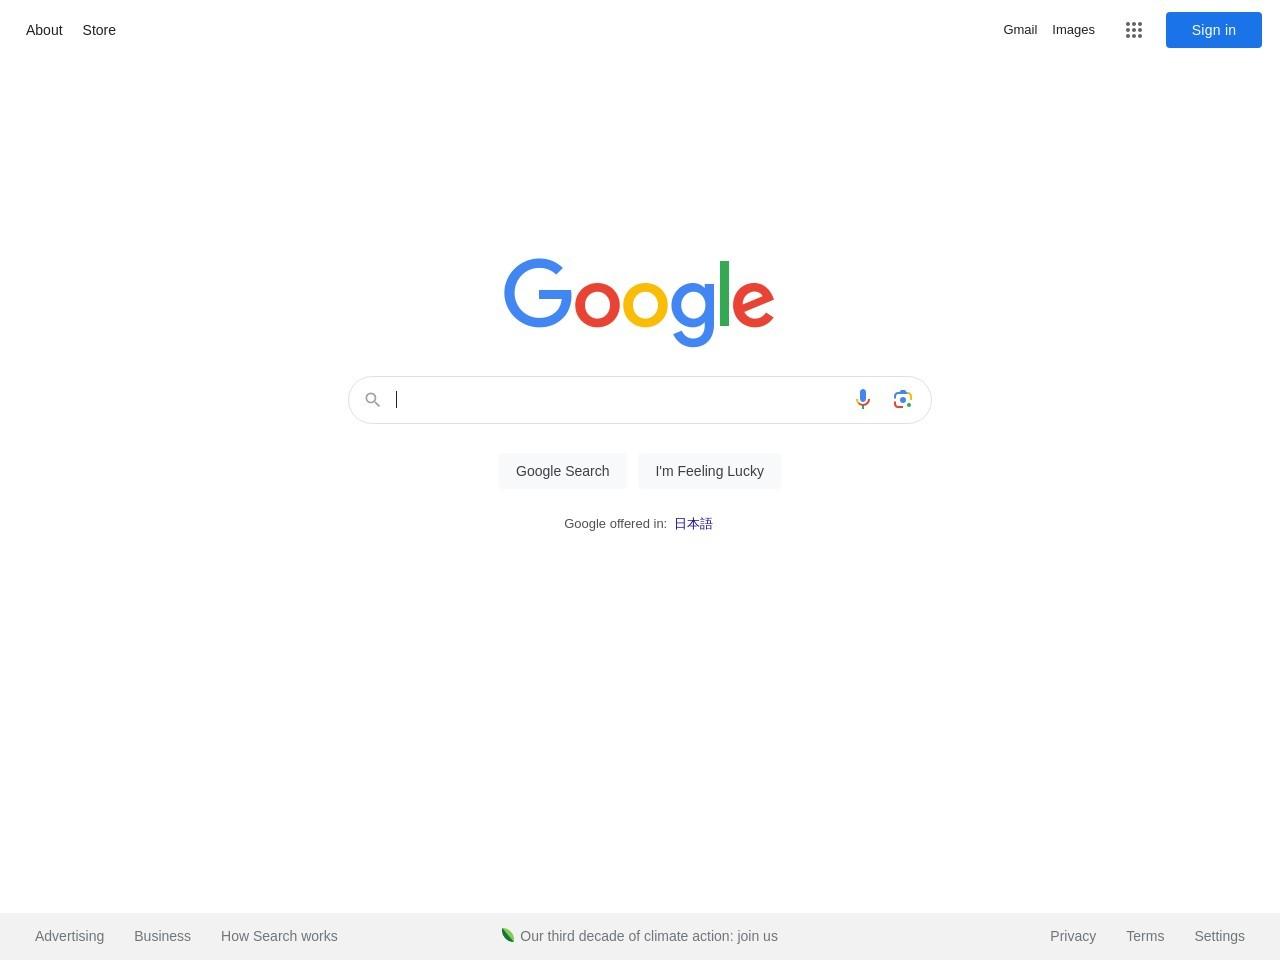 https://www.google.co.jp/landing/japanview/